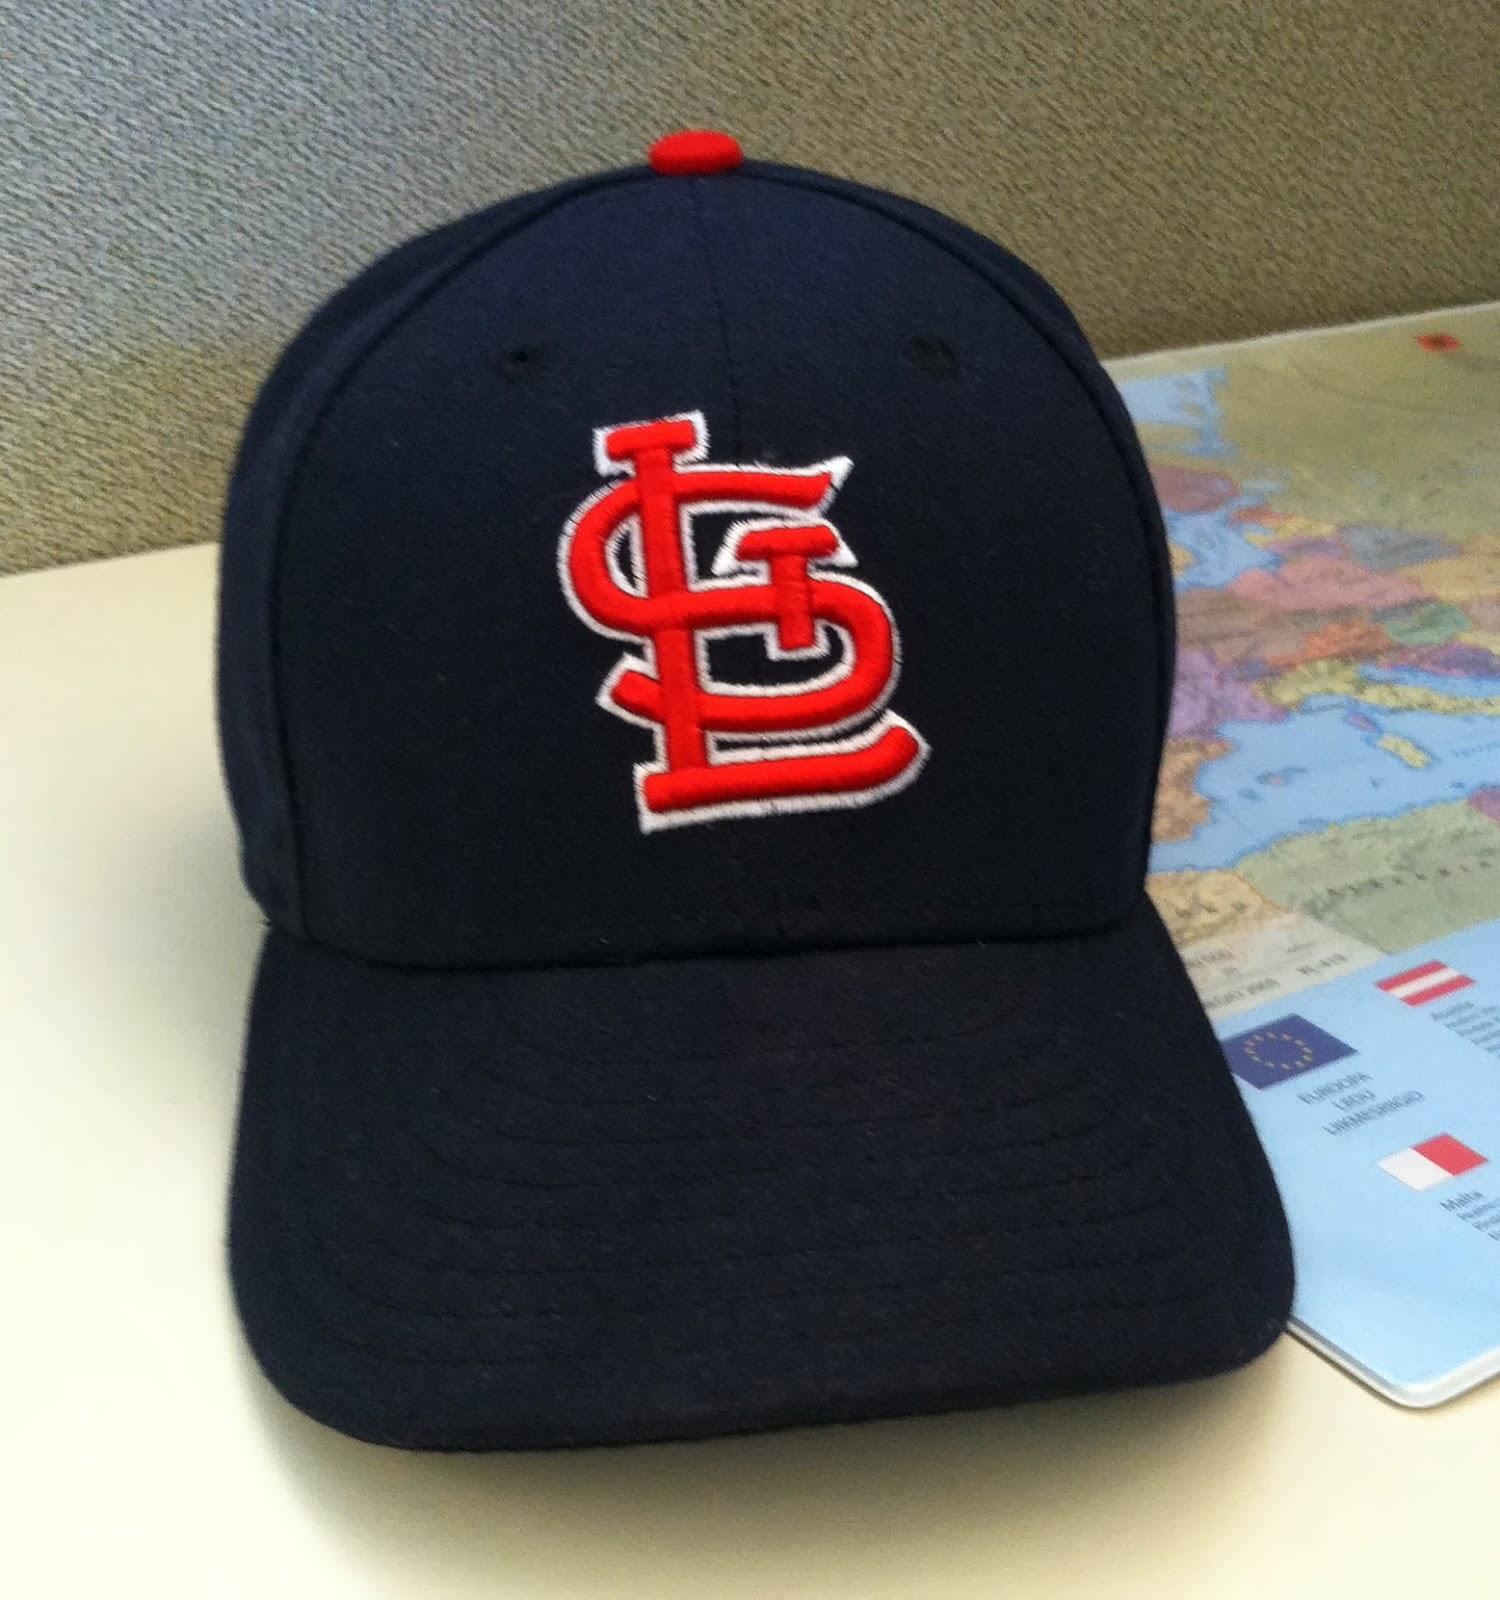 St. Louis Cardinals Road Cap 1992-2012  Sometimes Road Cap 2013 468ca749e77